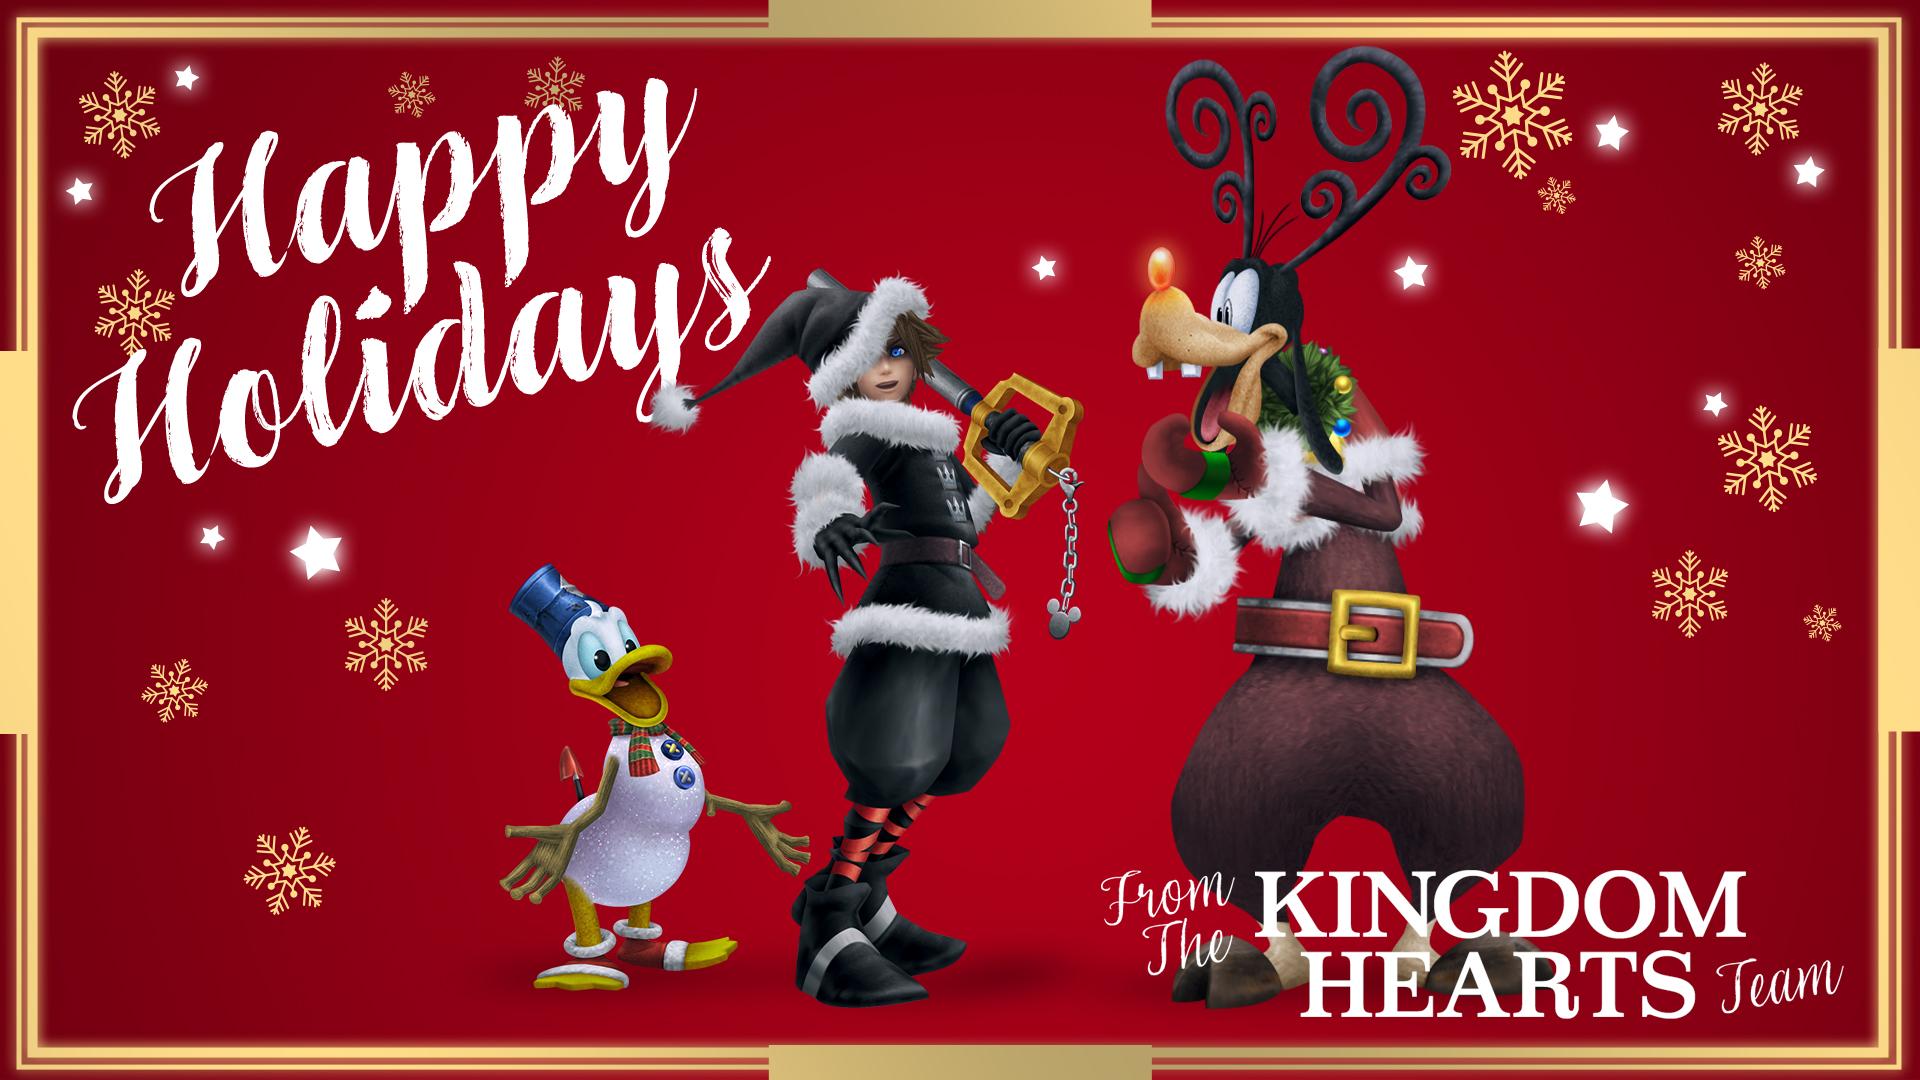 圣誕快樂!您有一份來自各廠商的圣誕賀圖請注意查收